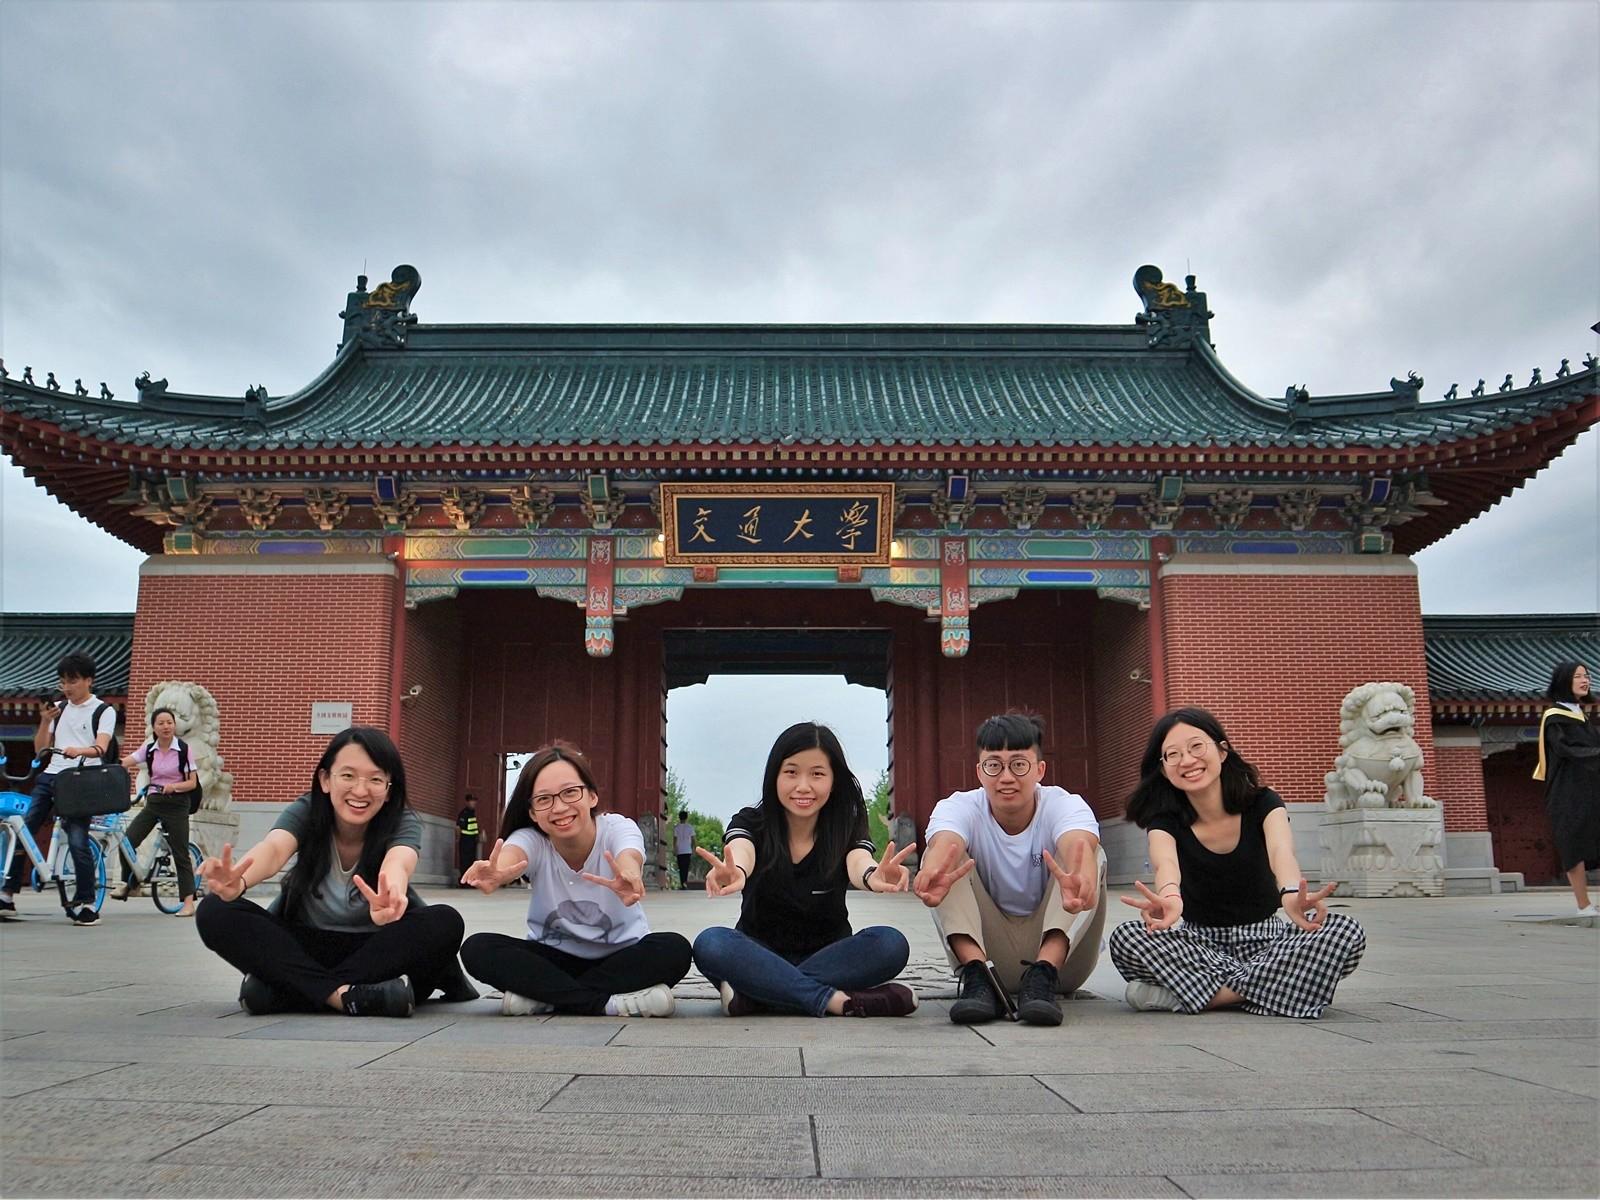 化工系曾立嫻同學(右一)跨出舒適圈,爭取赴上海交通大學交換,也看見自己更多的可能性。.jpg